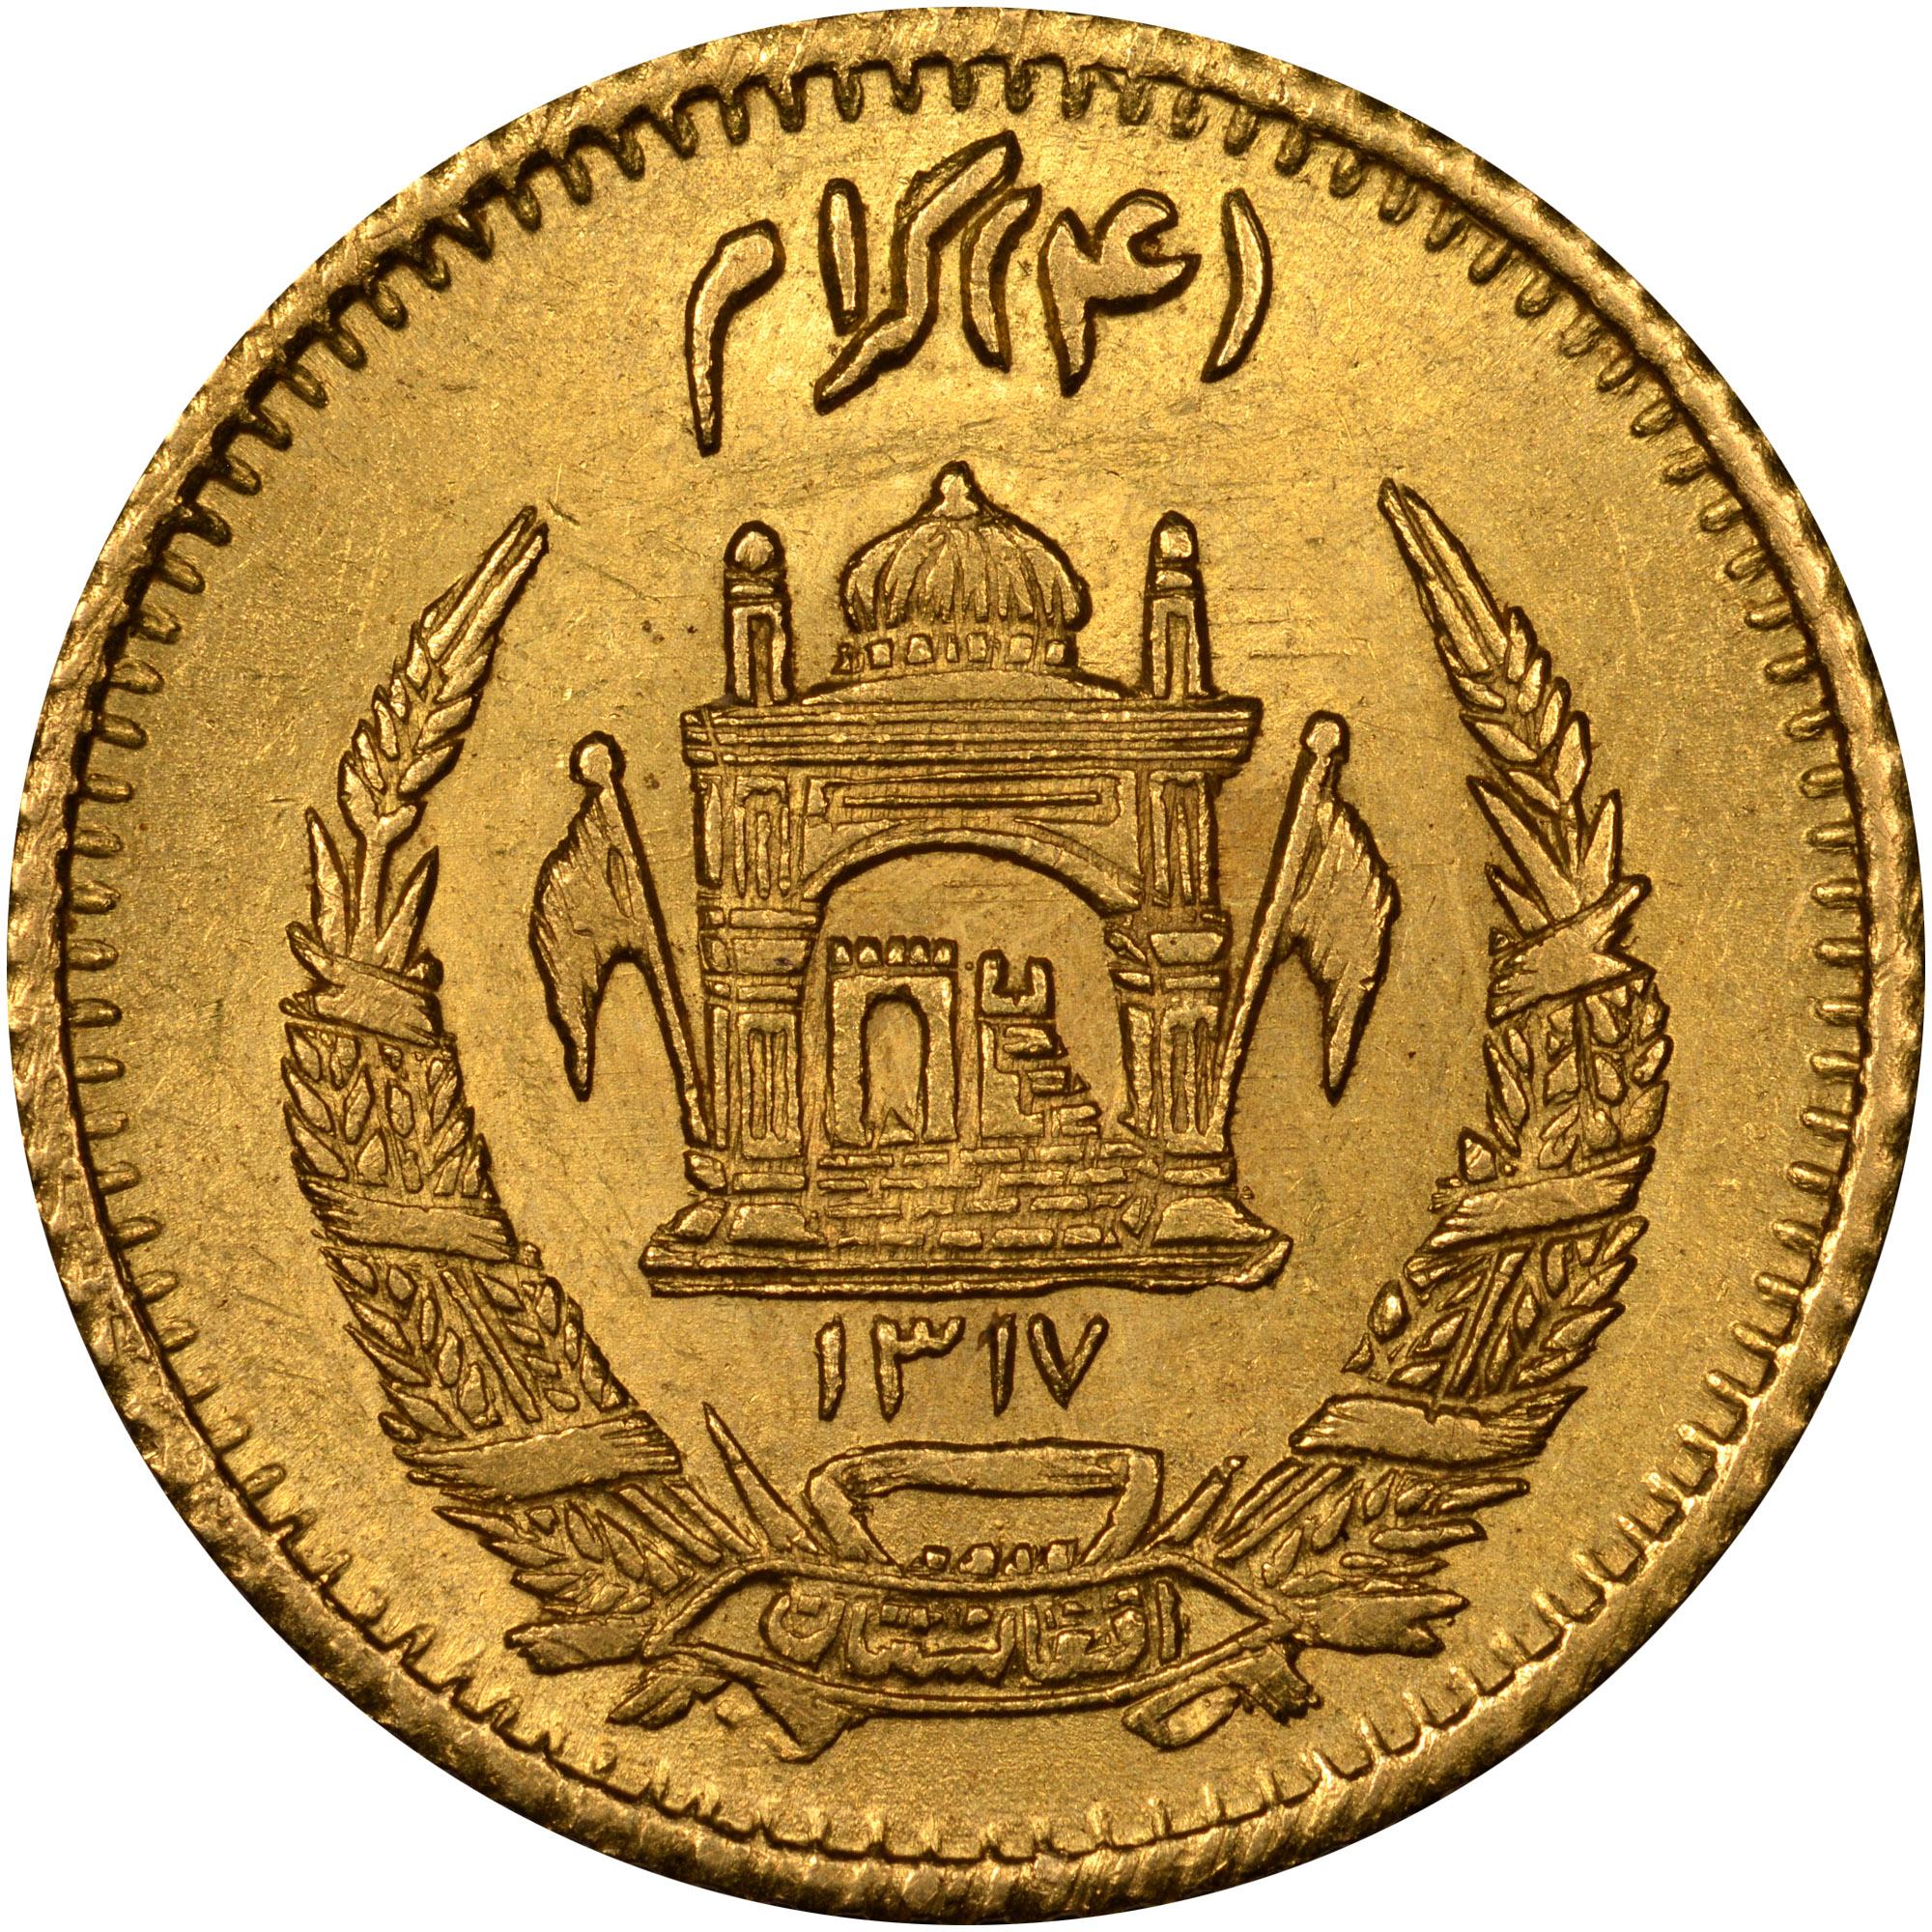 1315 (1936)-1317 (1938) Afghanistan 4 Grams obverse